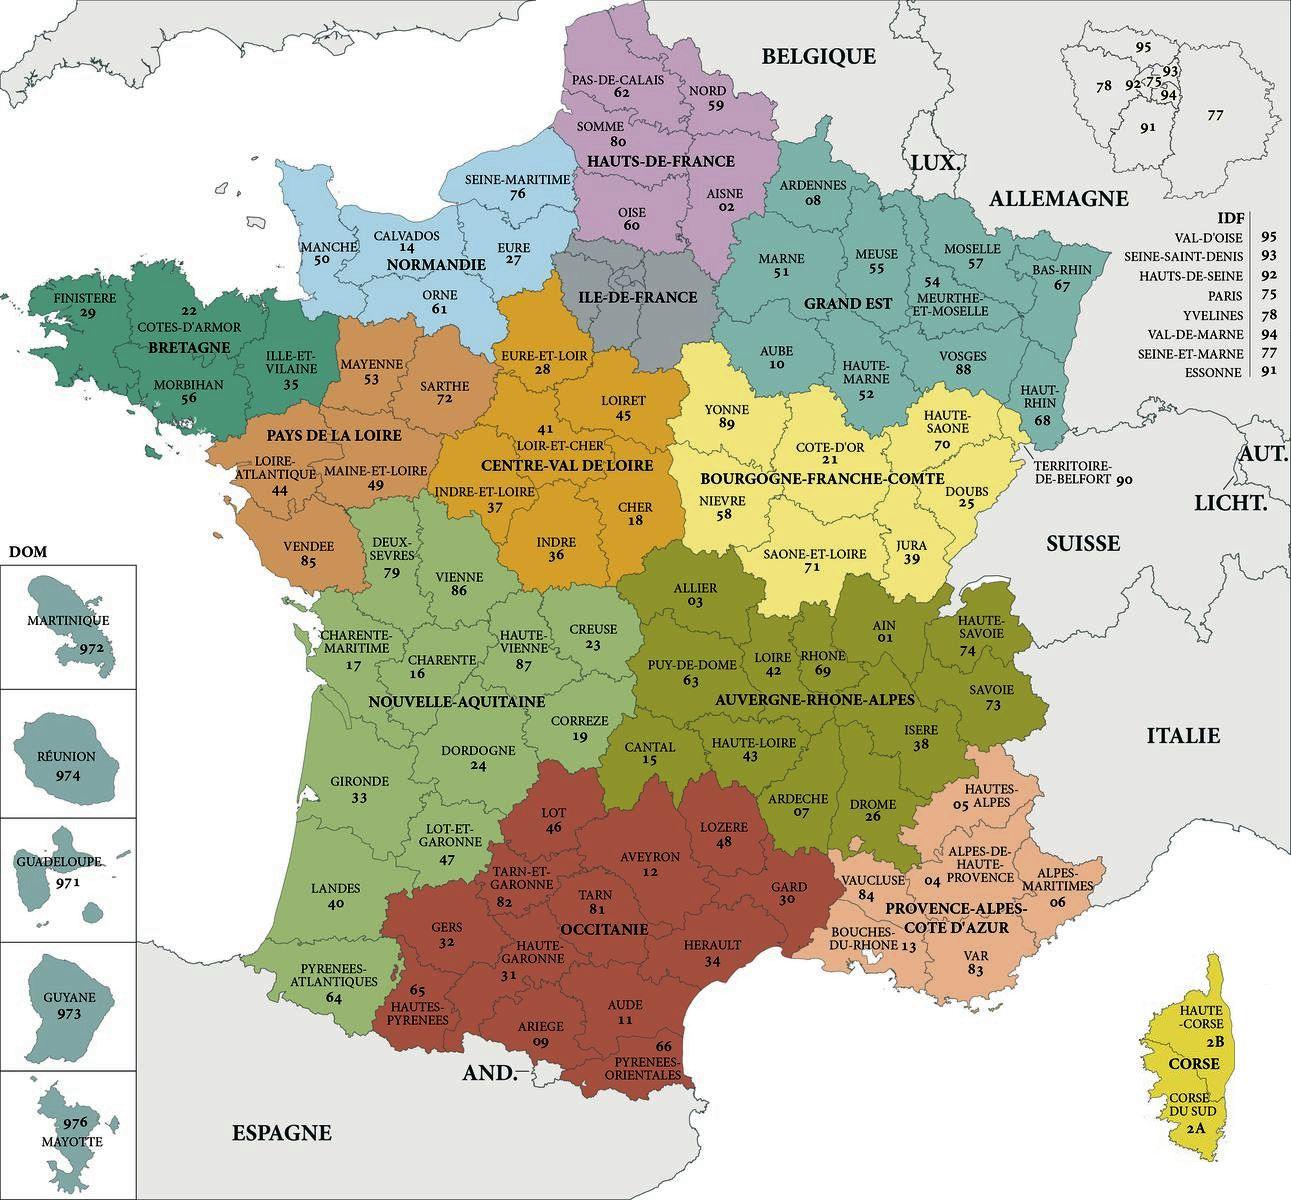 Carte De France Des Regions : Carte Des Régions De France à 13 Régions Françaises